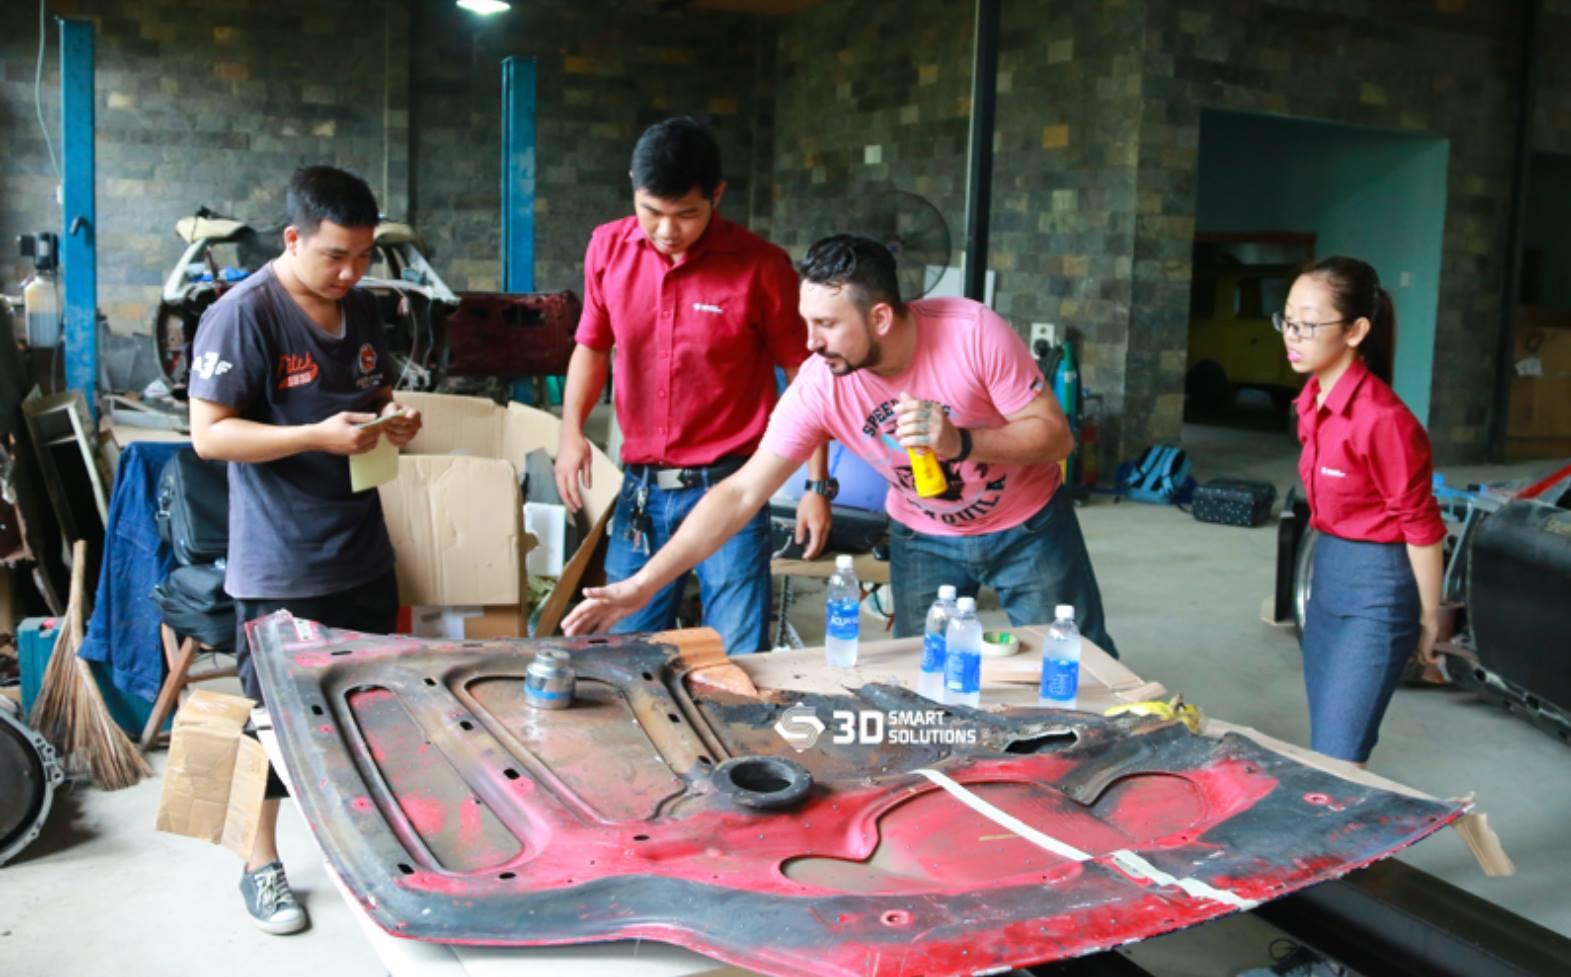 Dự án quét xe ô tô Ferrari cũ nhằm phục chế biên dạng và chế (độ) bộ cánh mới cho xe ô tô Ferrari cũ. Dự án quét này sử dụng thiết bị máy quét 3D Einscan...